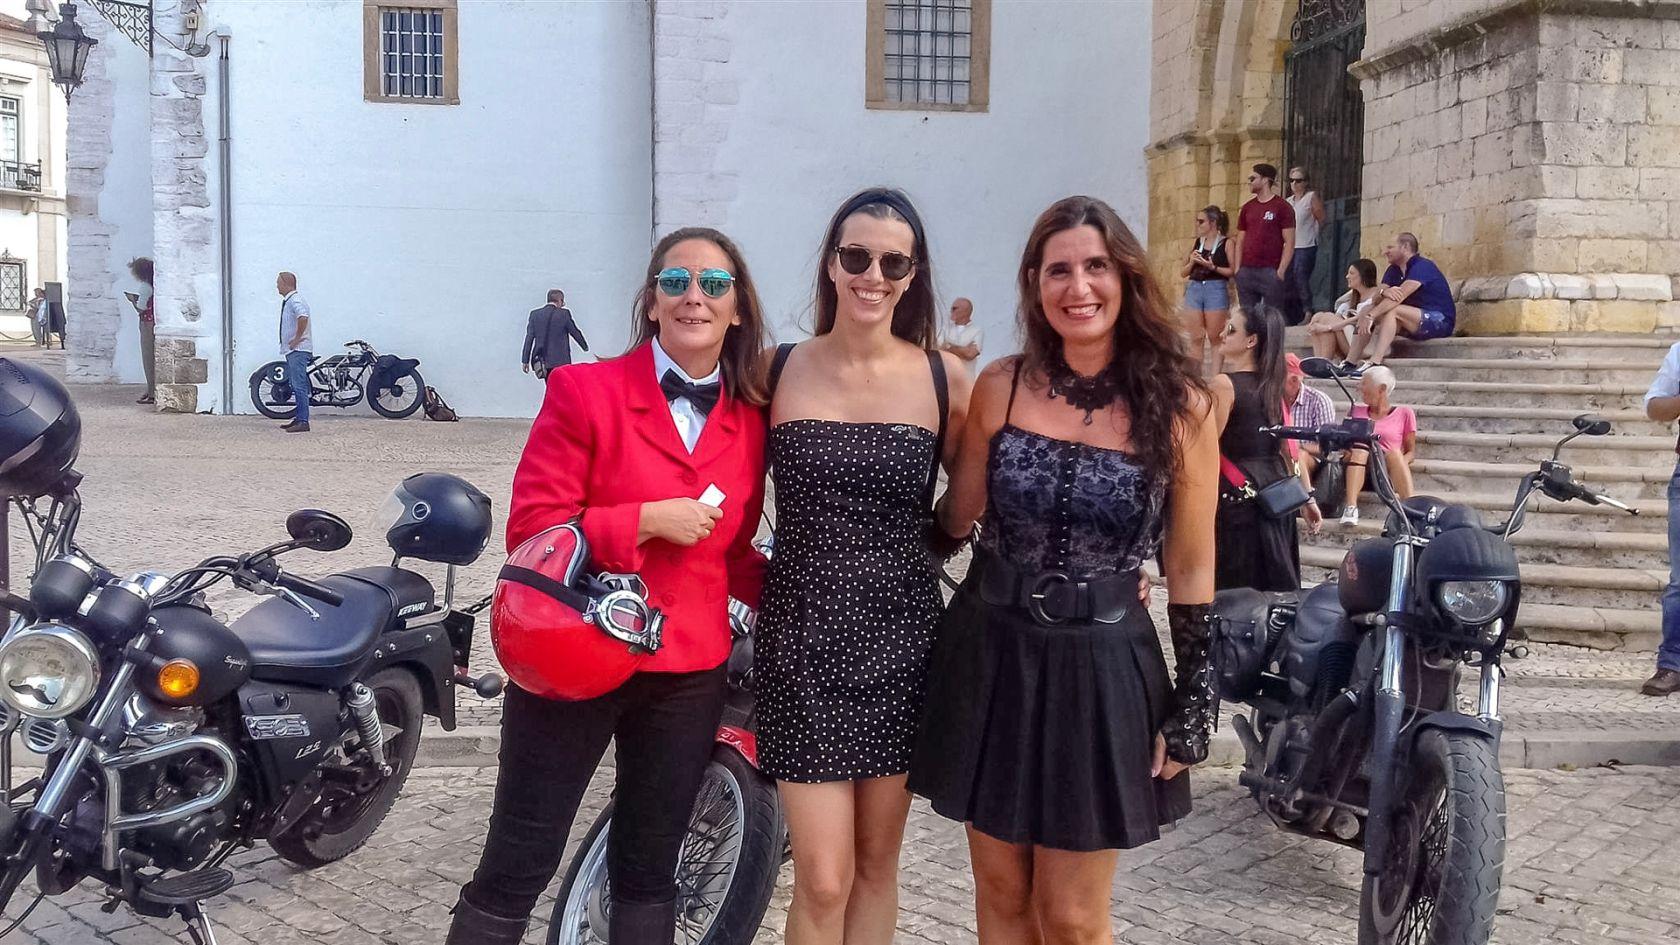 DGR2018 Algarve - TGFH Responsables de Bureau